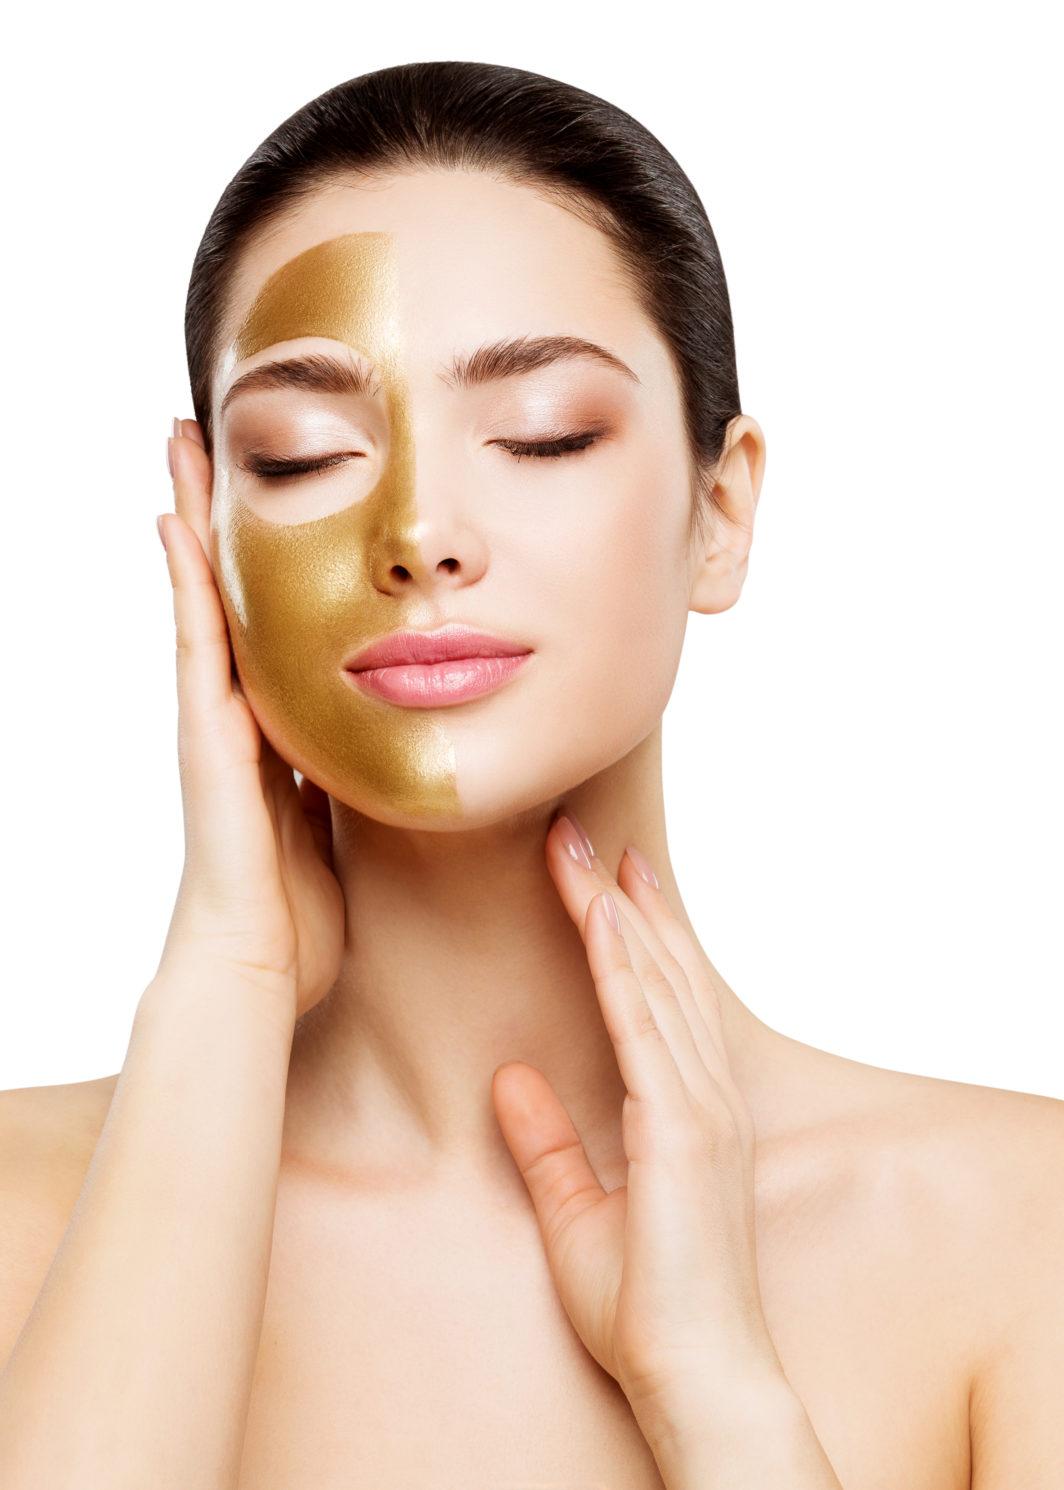 LA GRANDE - die klassische Gesichspflege mit Massage und Brauenkorrektur